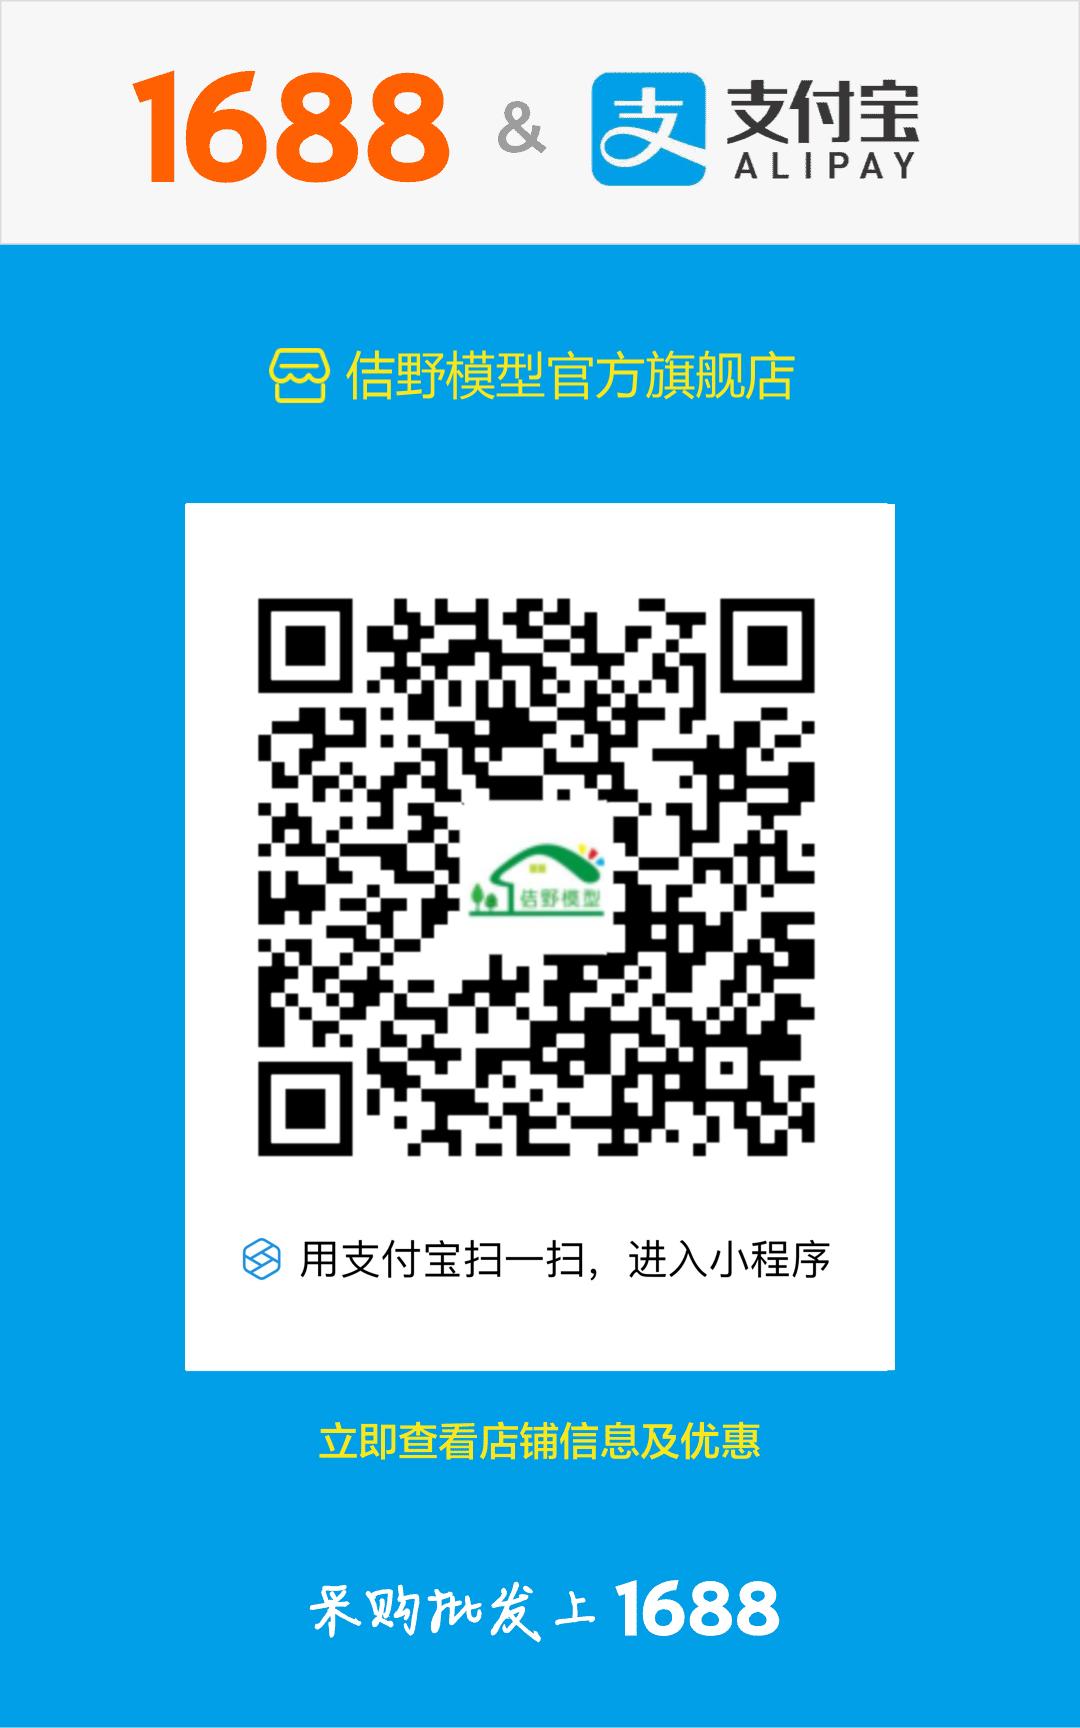 广州市拾柏千贸易有限公司